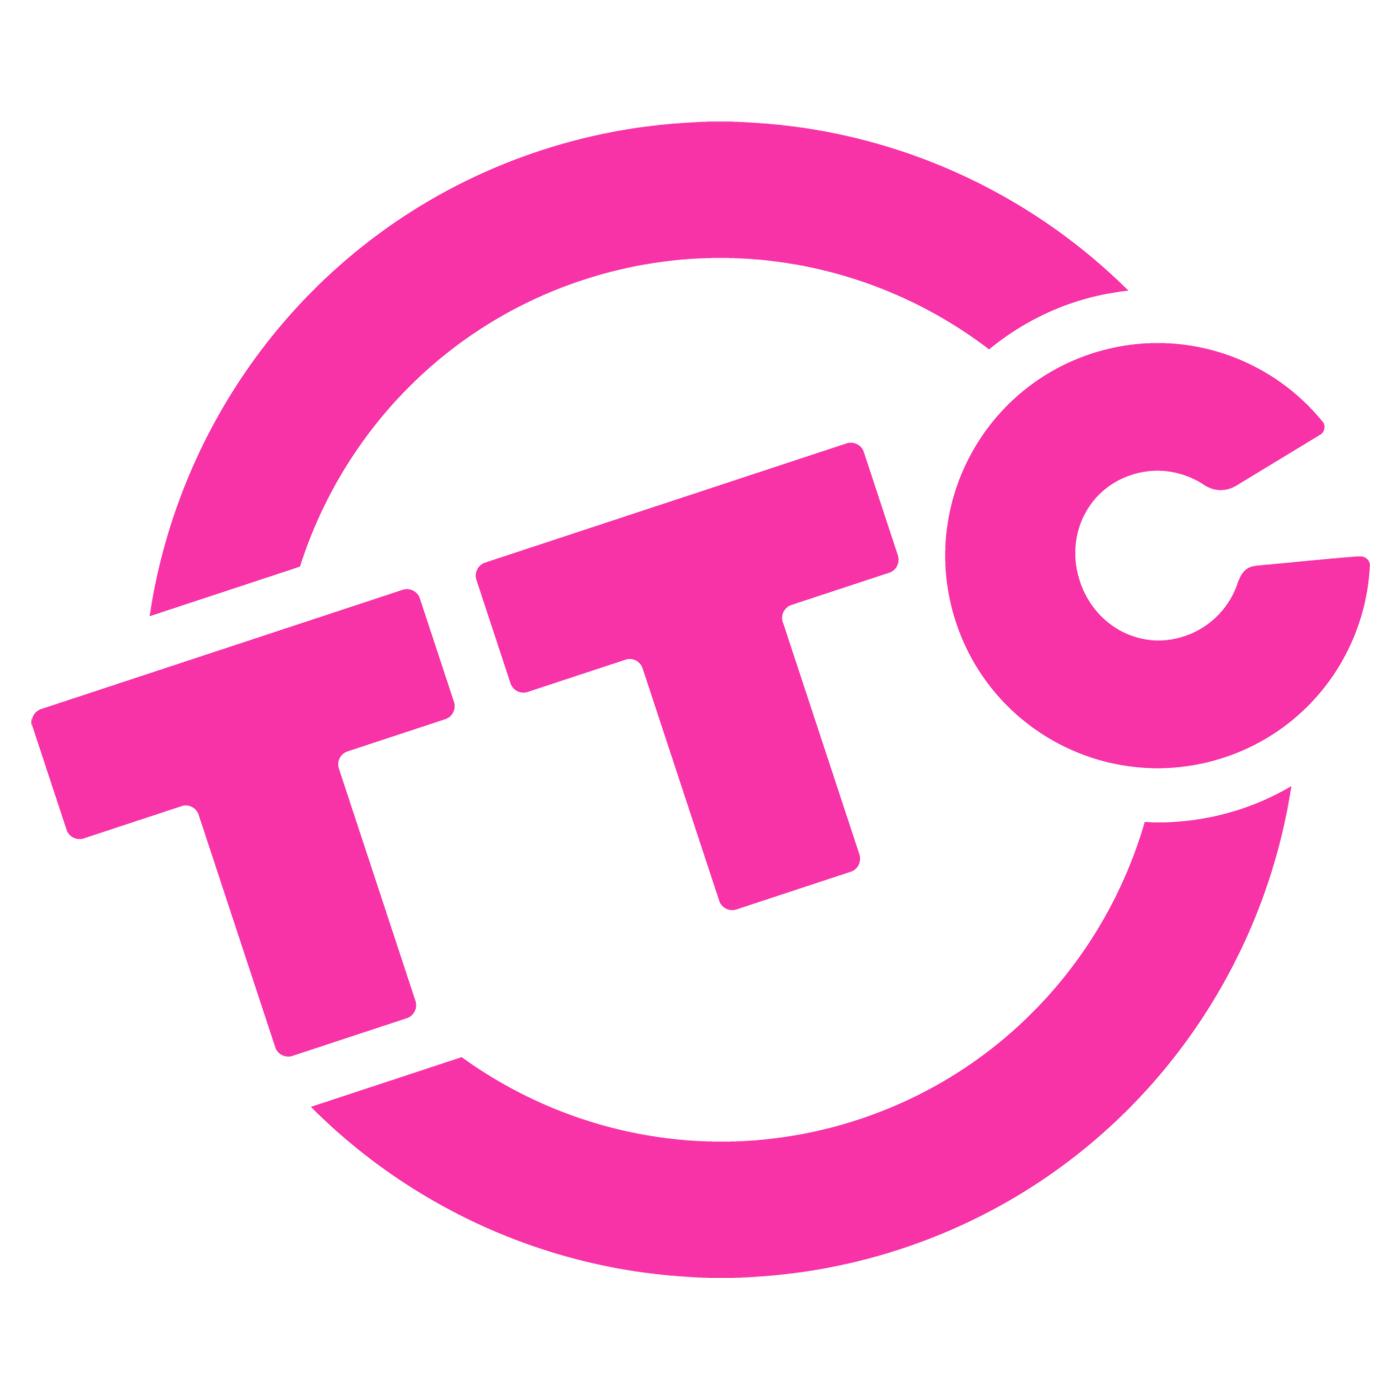 TTC - RTS